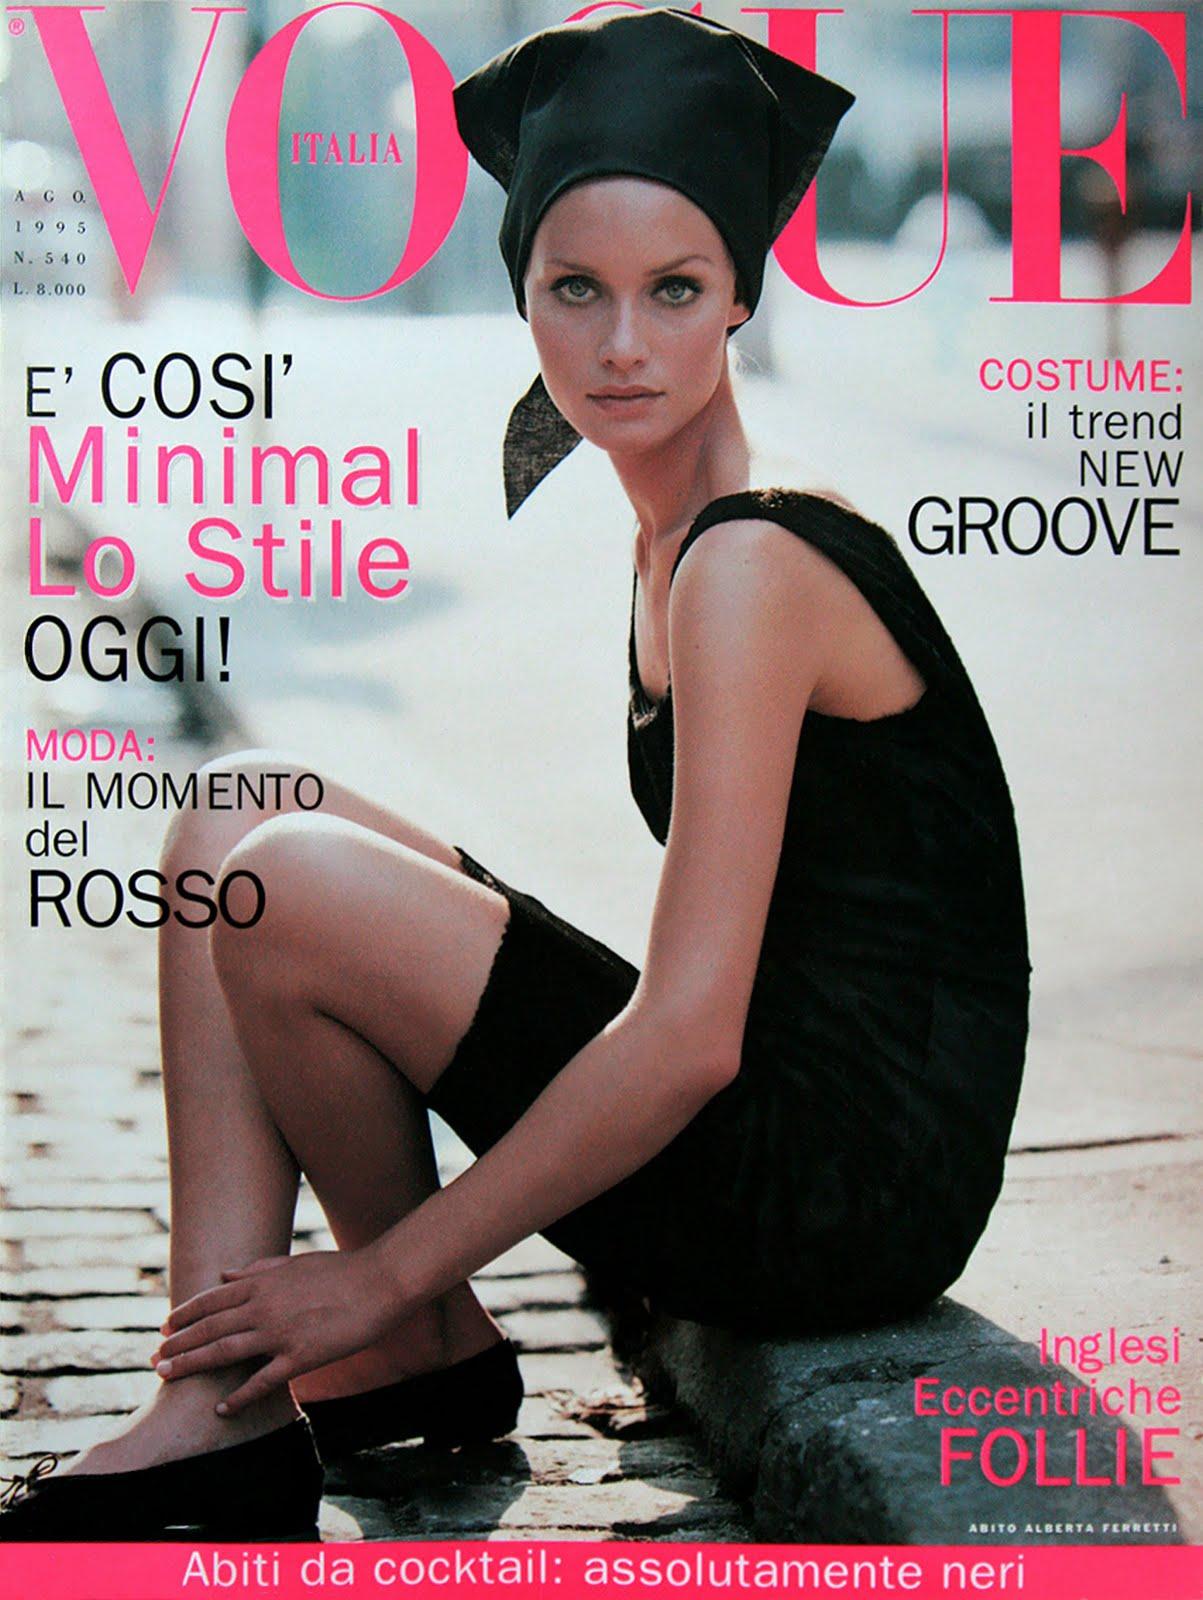 http://1.bp.blogspot.com/-oloVru19jrE/Ti_cr2umhVI/AAAAAAAAENs/_jn9uqxyjaY/s1600/1650-AMBER-AUGUST-1995-TOP-MODELS-OF-THE-WORLD-COM.jpg